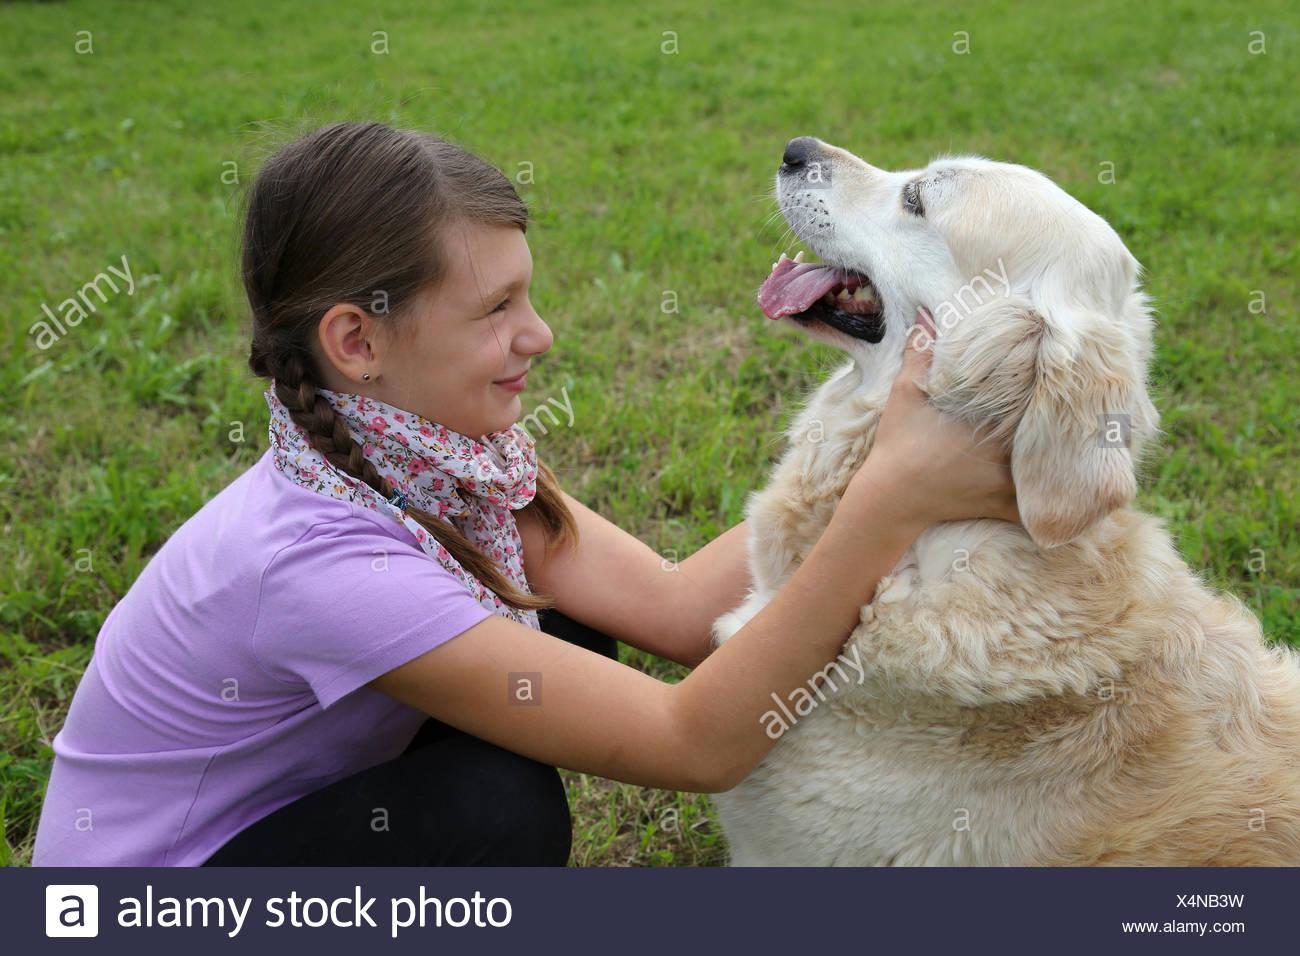 Mädchen schmust mit einem Hund Stock Photo